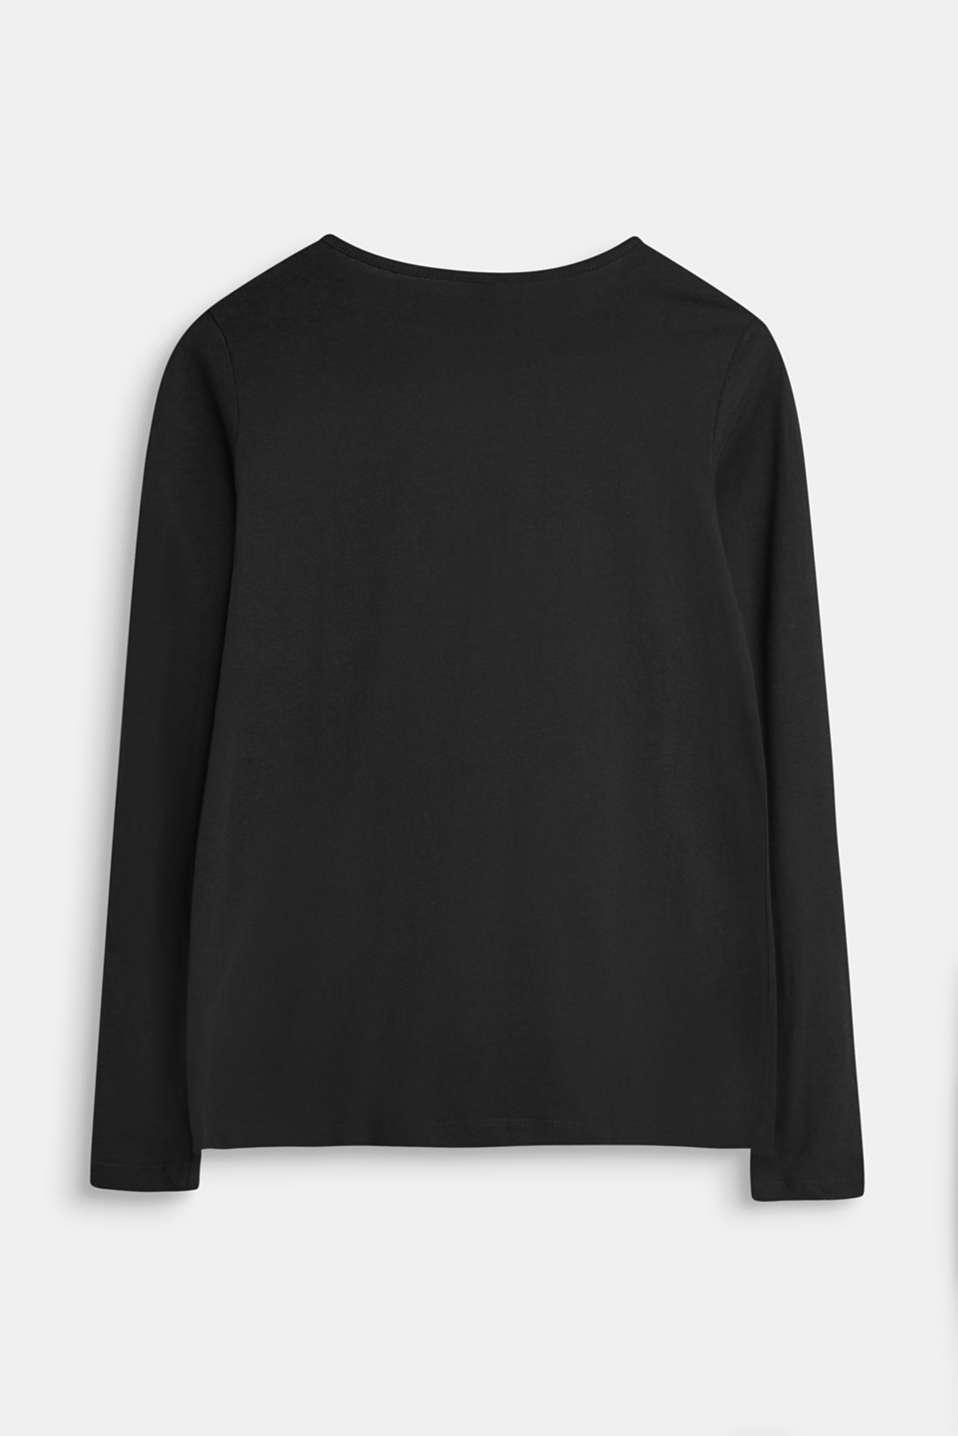 T-Shirts, LCBLACK, detail image number 1